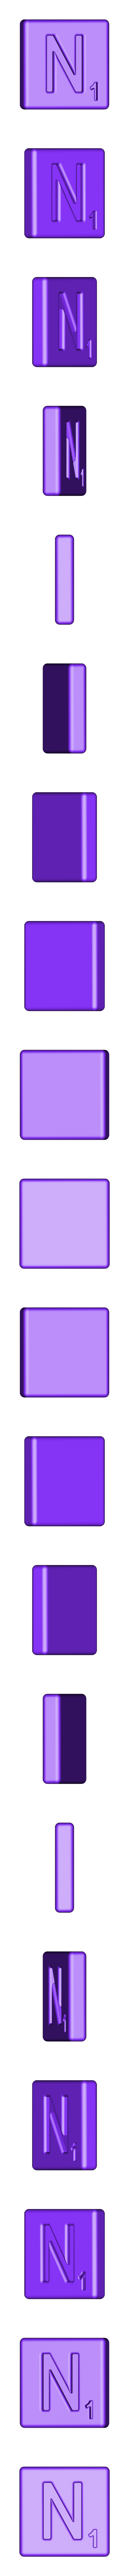 Single_Cut_N.STL Télécharger fichier STL gratuit Pièces et support SCRABBBLE • Design pour imprimante 3D, Balkhagal4D